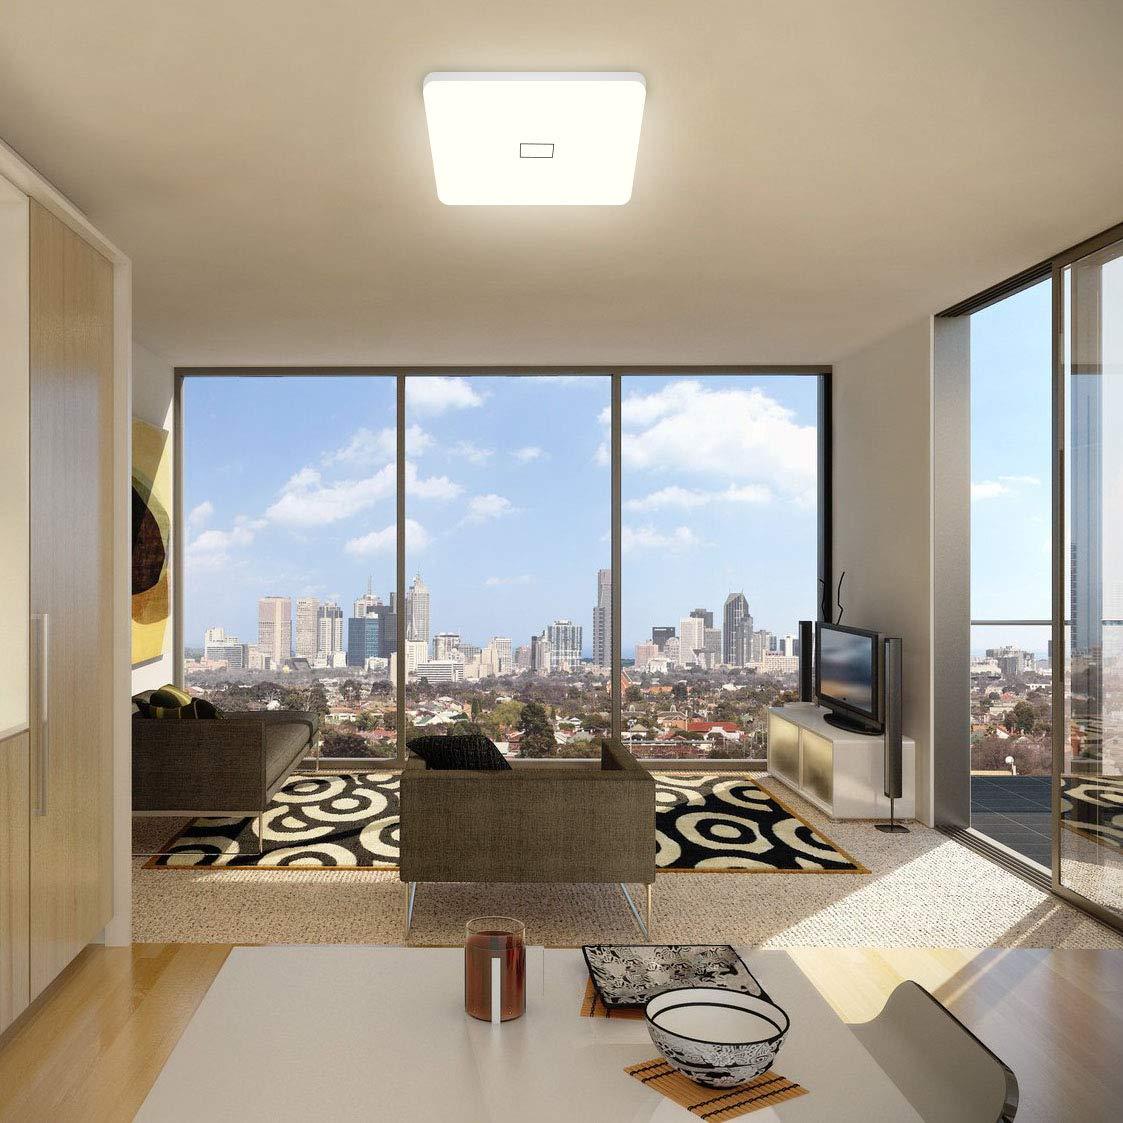 Öuesen LED 24W lámpara de techo resistente al agua moderna LED luz de techo Cuadrado delgada 2050lm Blanco natural 4000K para baño Dormitorio Cocina ...